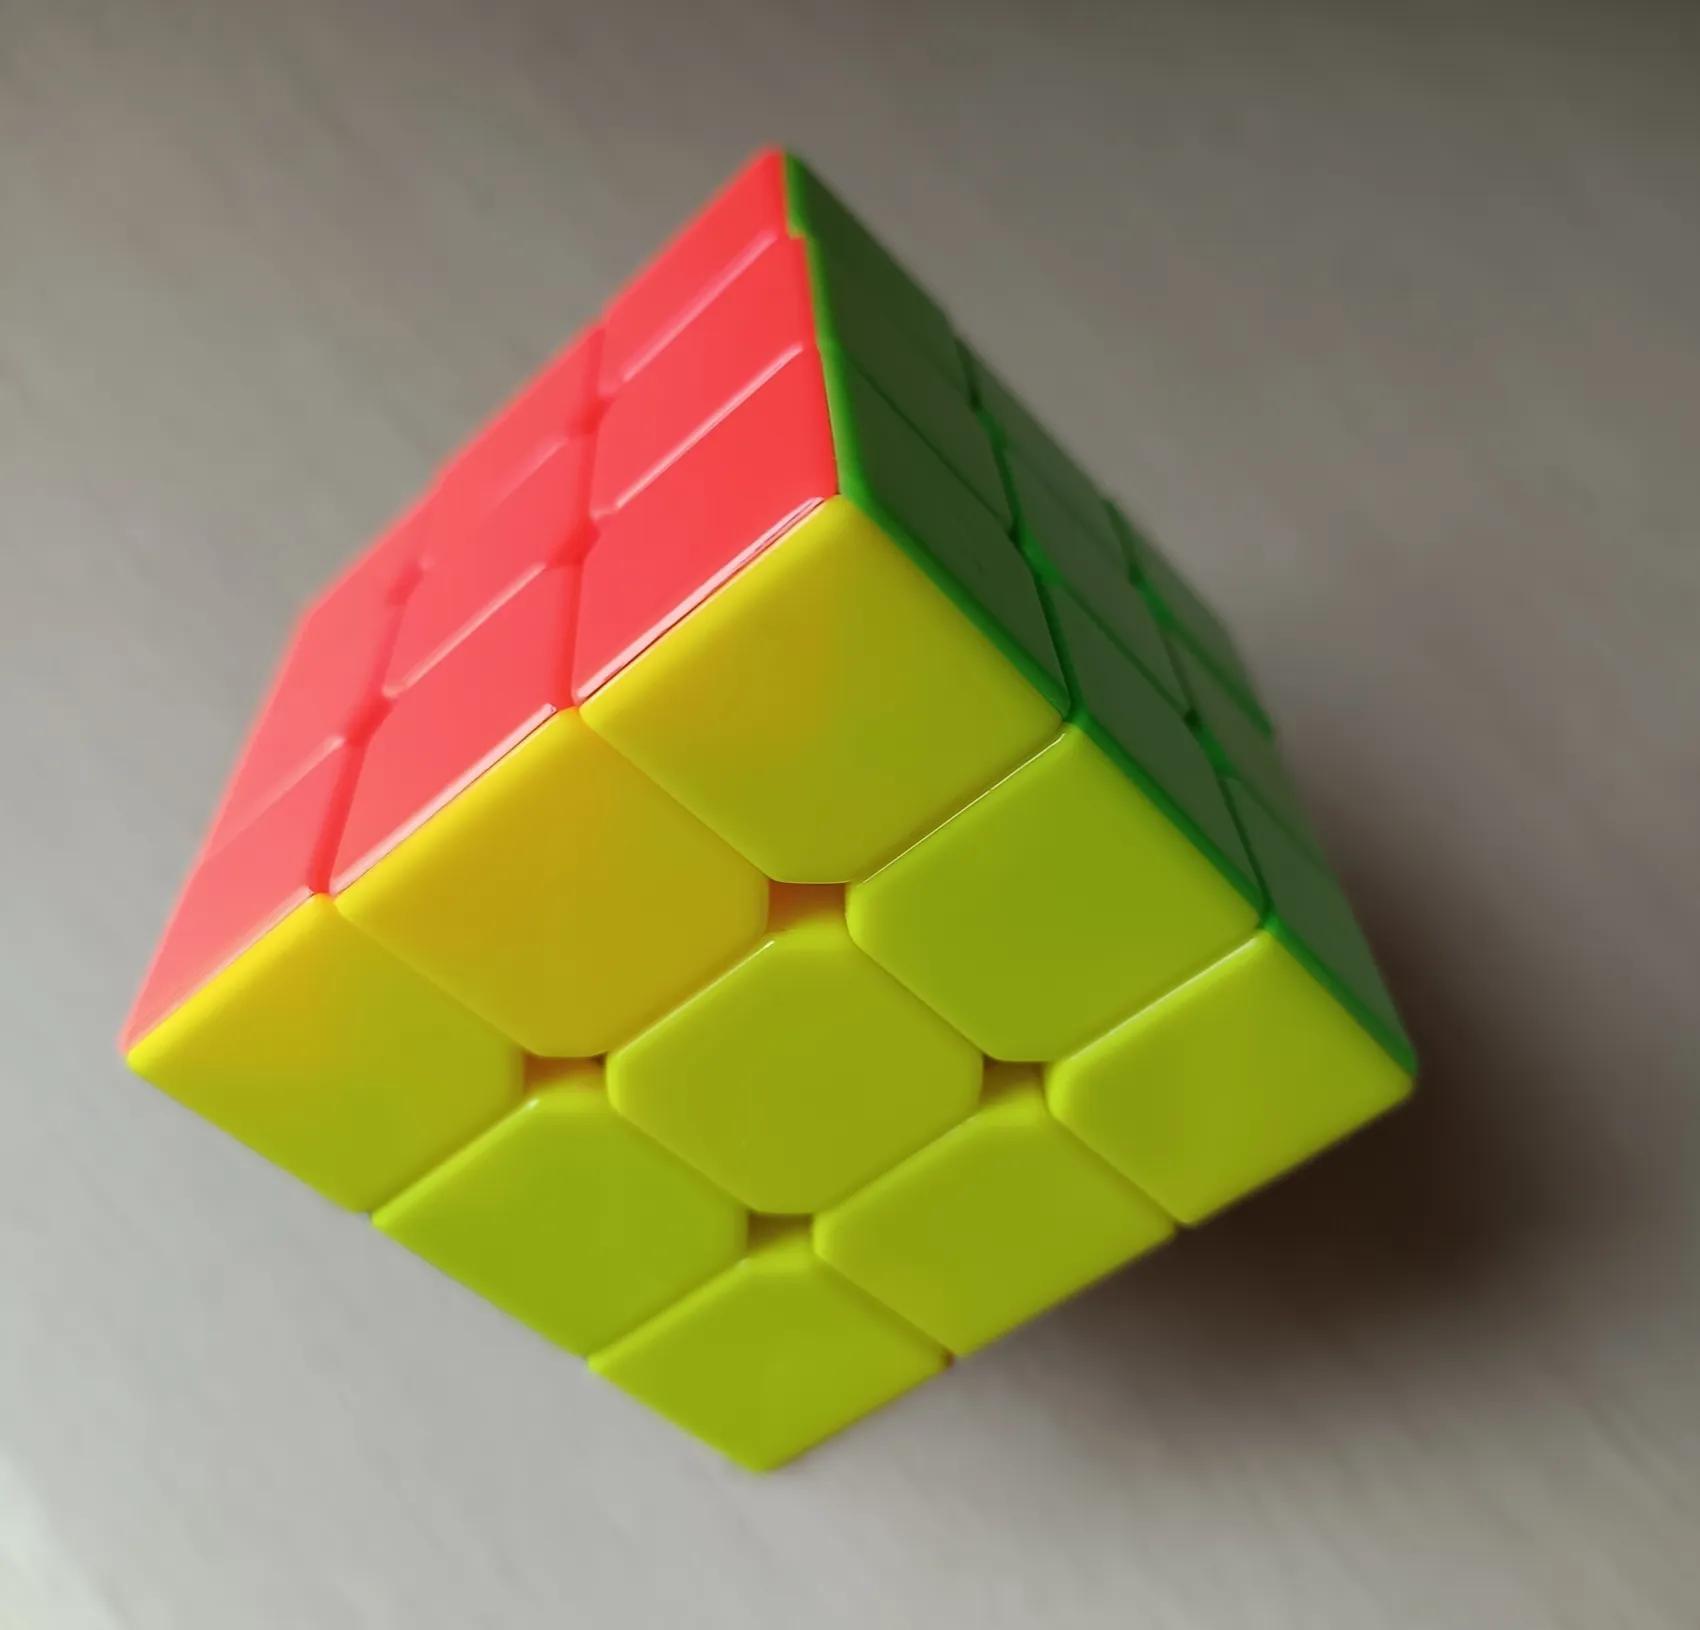 三阶魔方最后一层通用公式(三阶魔方还原最后一层)